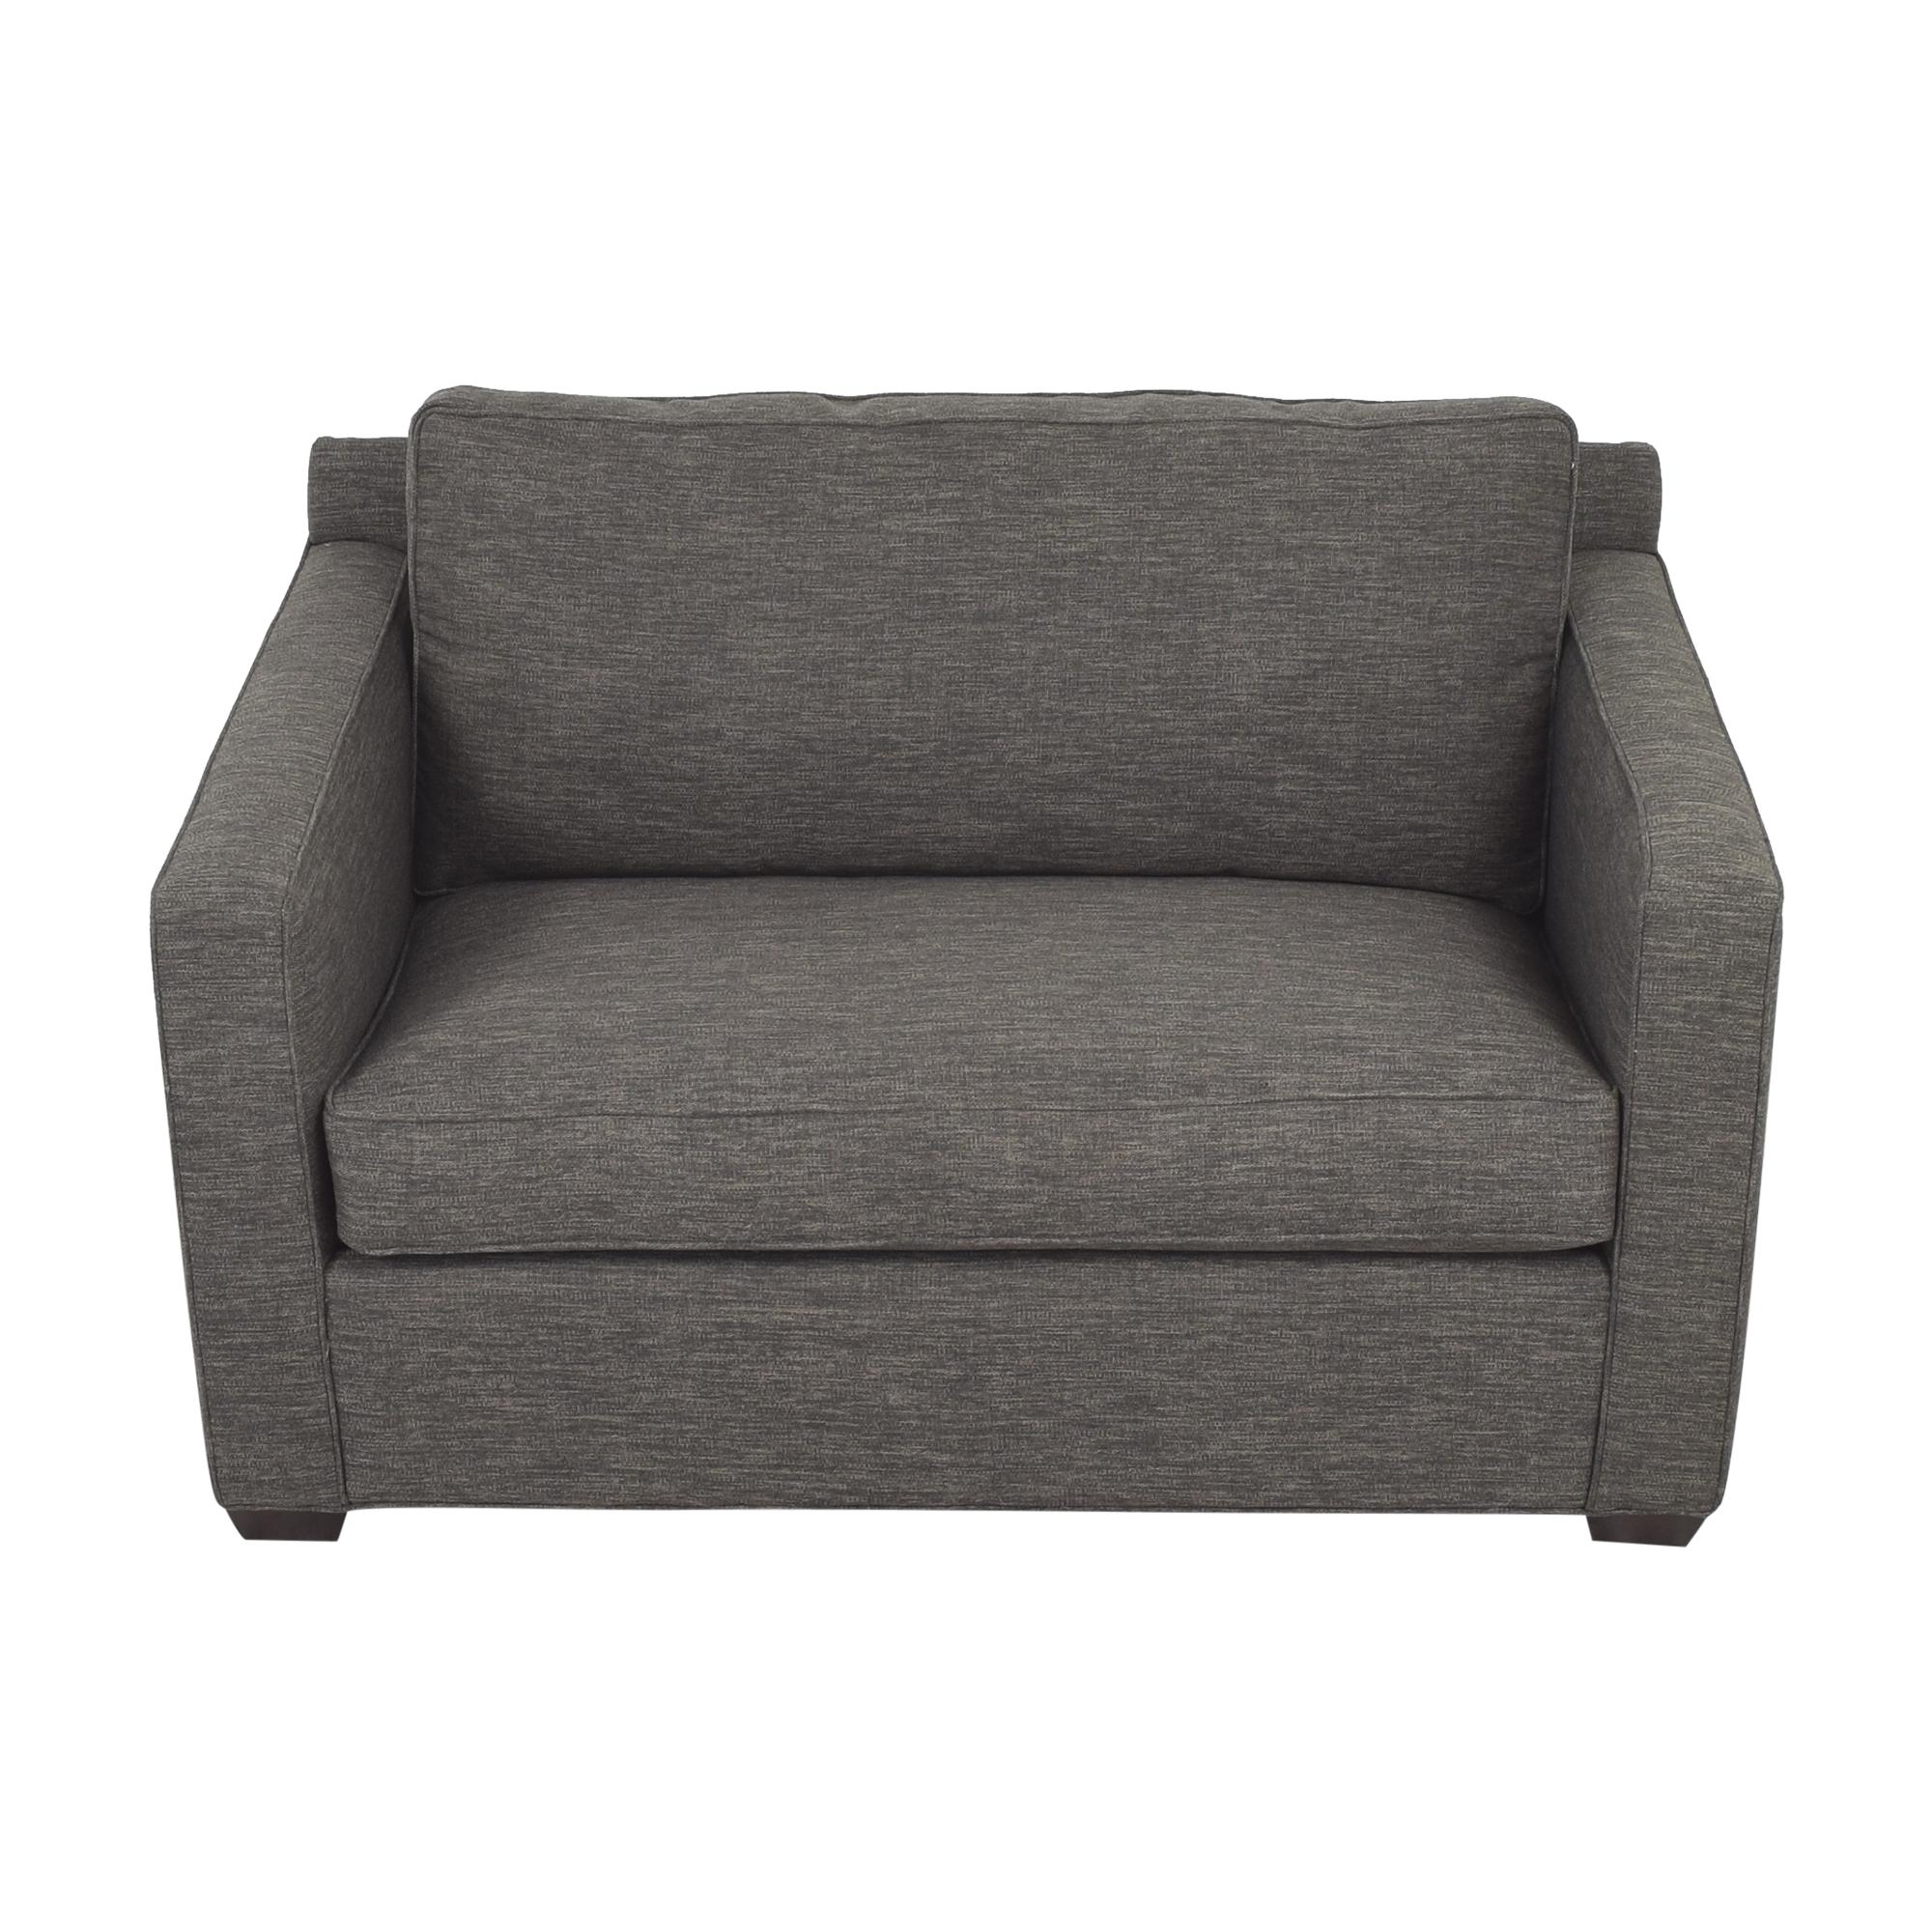 Crate & Barrel Crate & Barrel Twin Sleeper Sofa discount